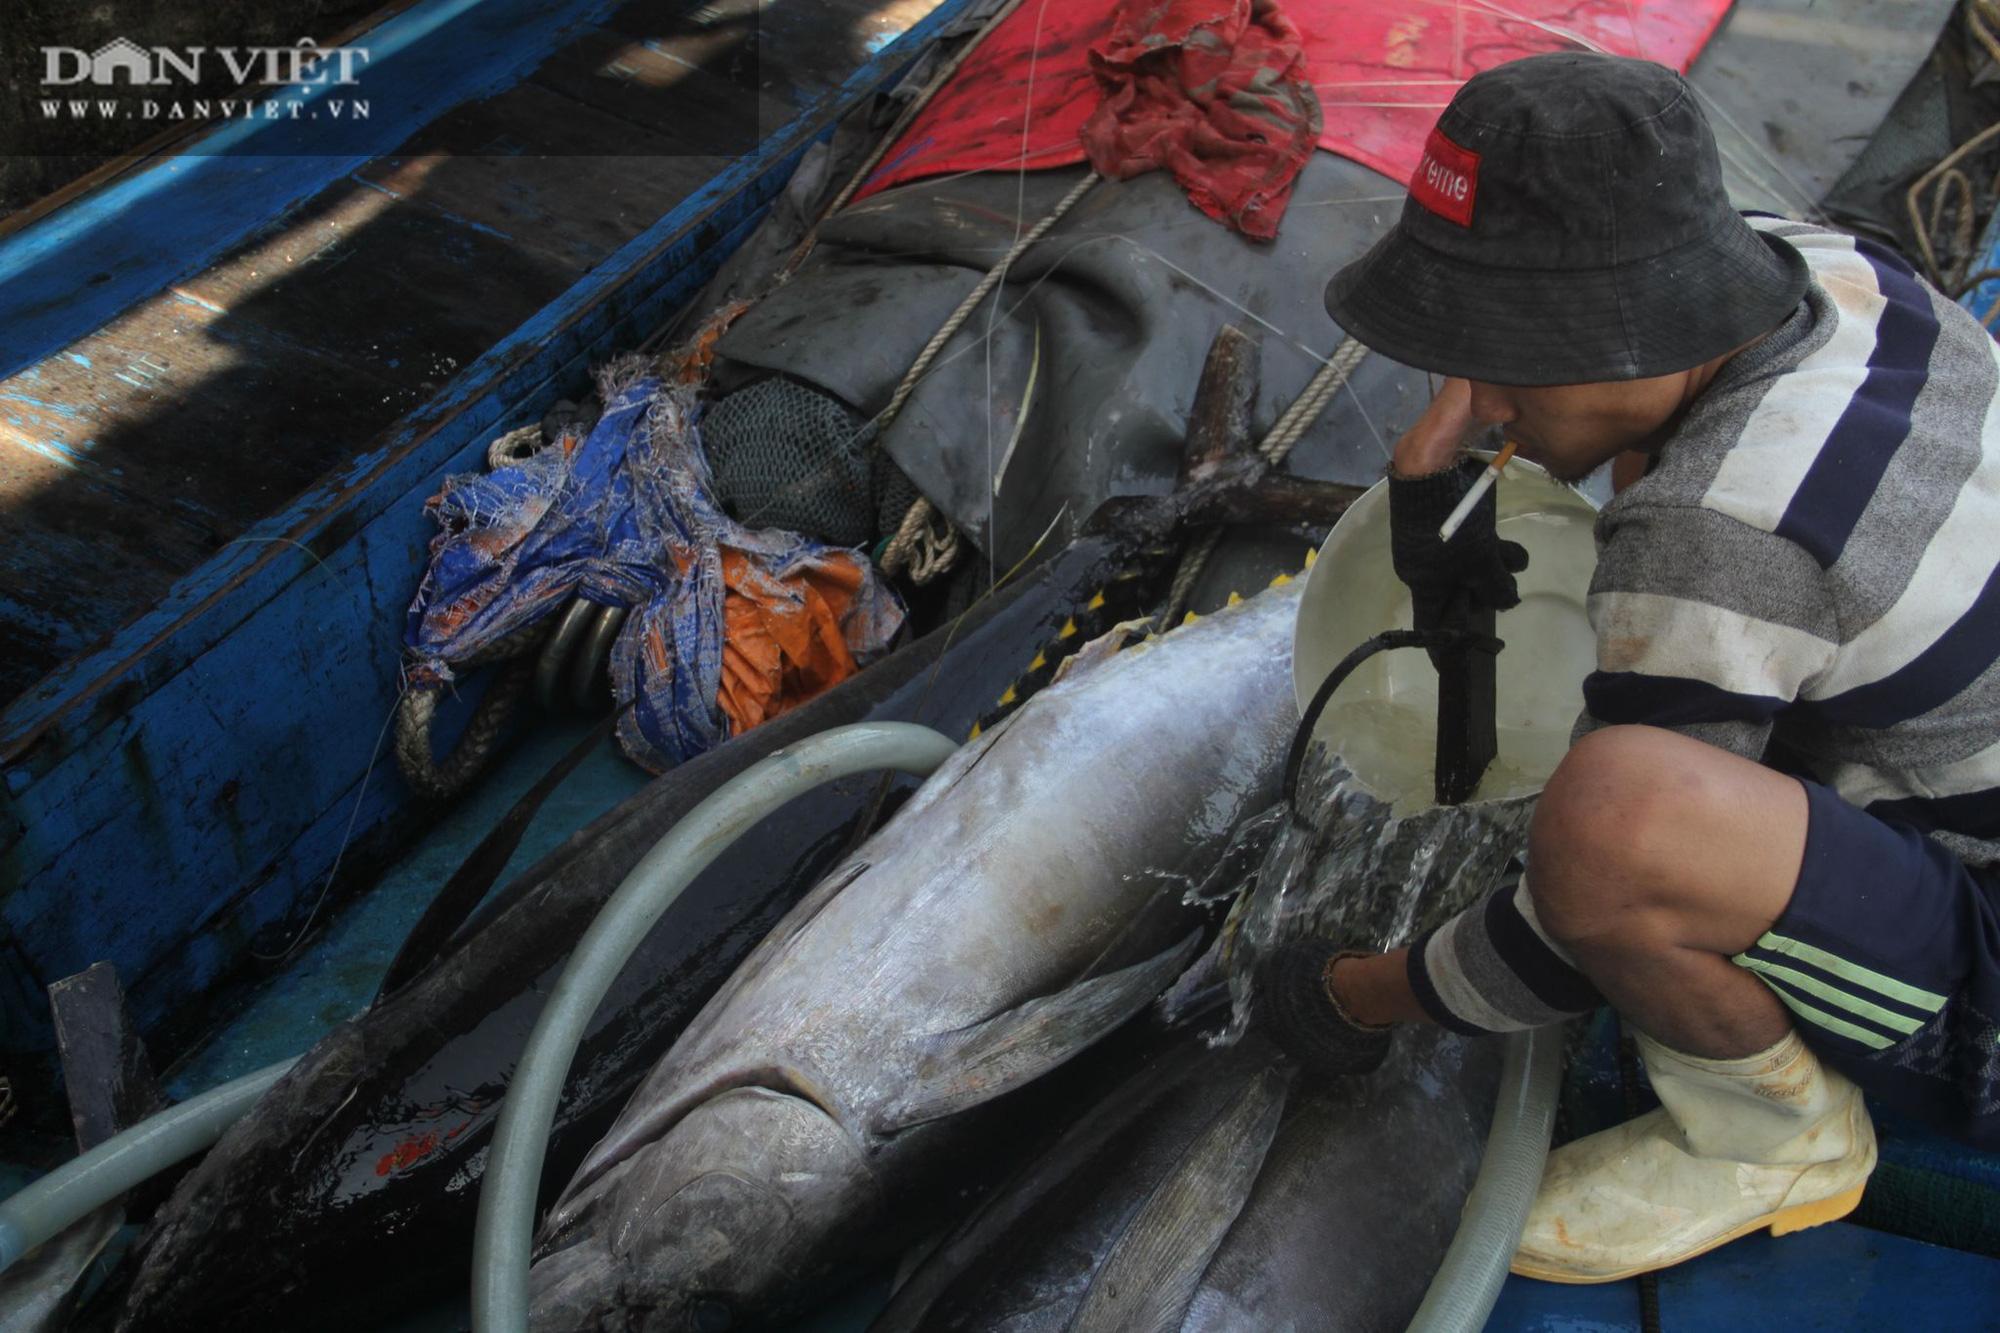 Cận cảnh đưa cá ngừ đại dương về bờ sau chuyến biển xuyên Tết - Ảnh 14.